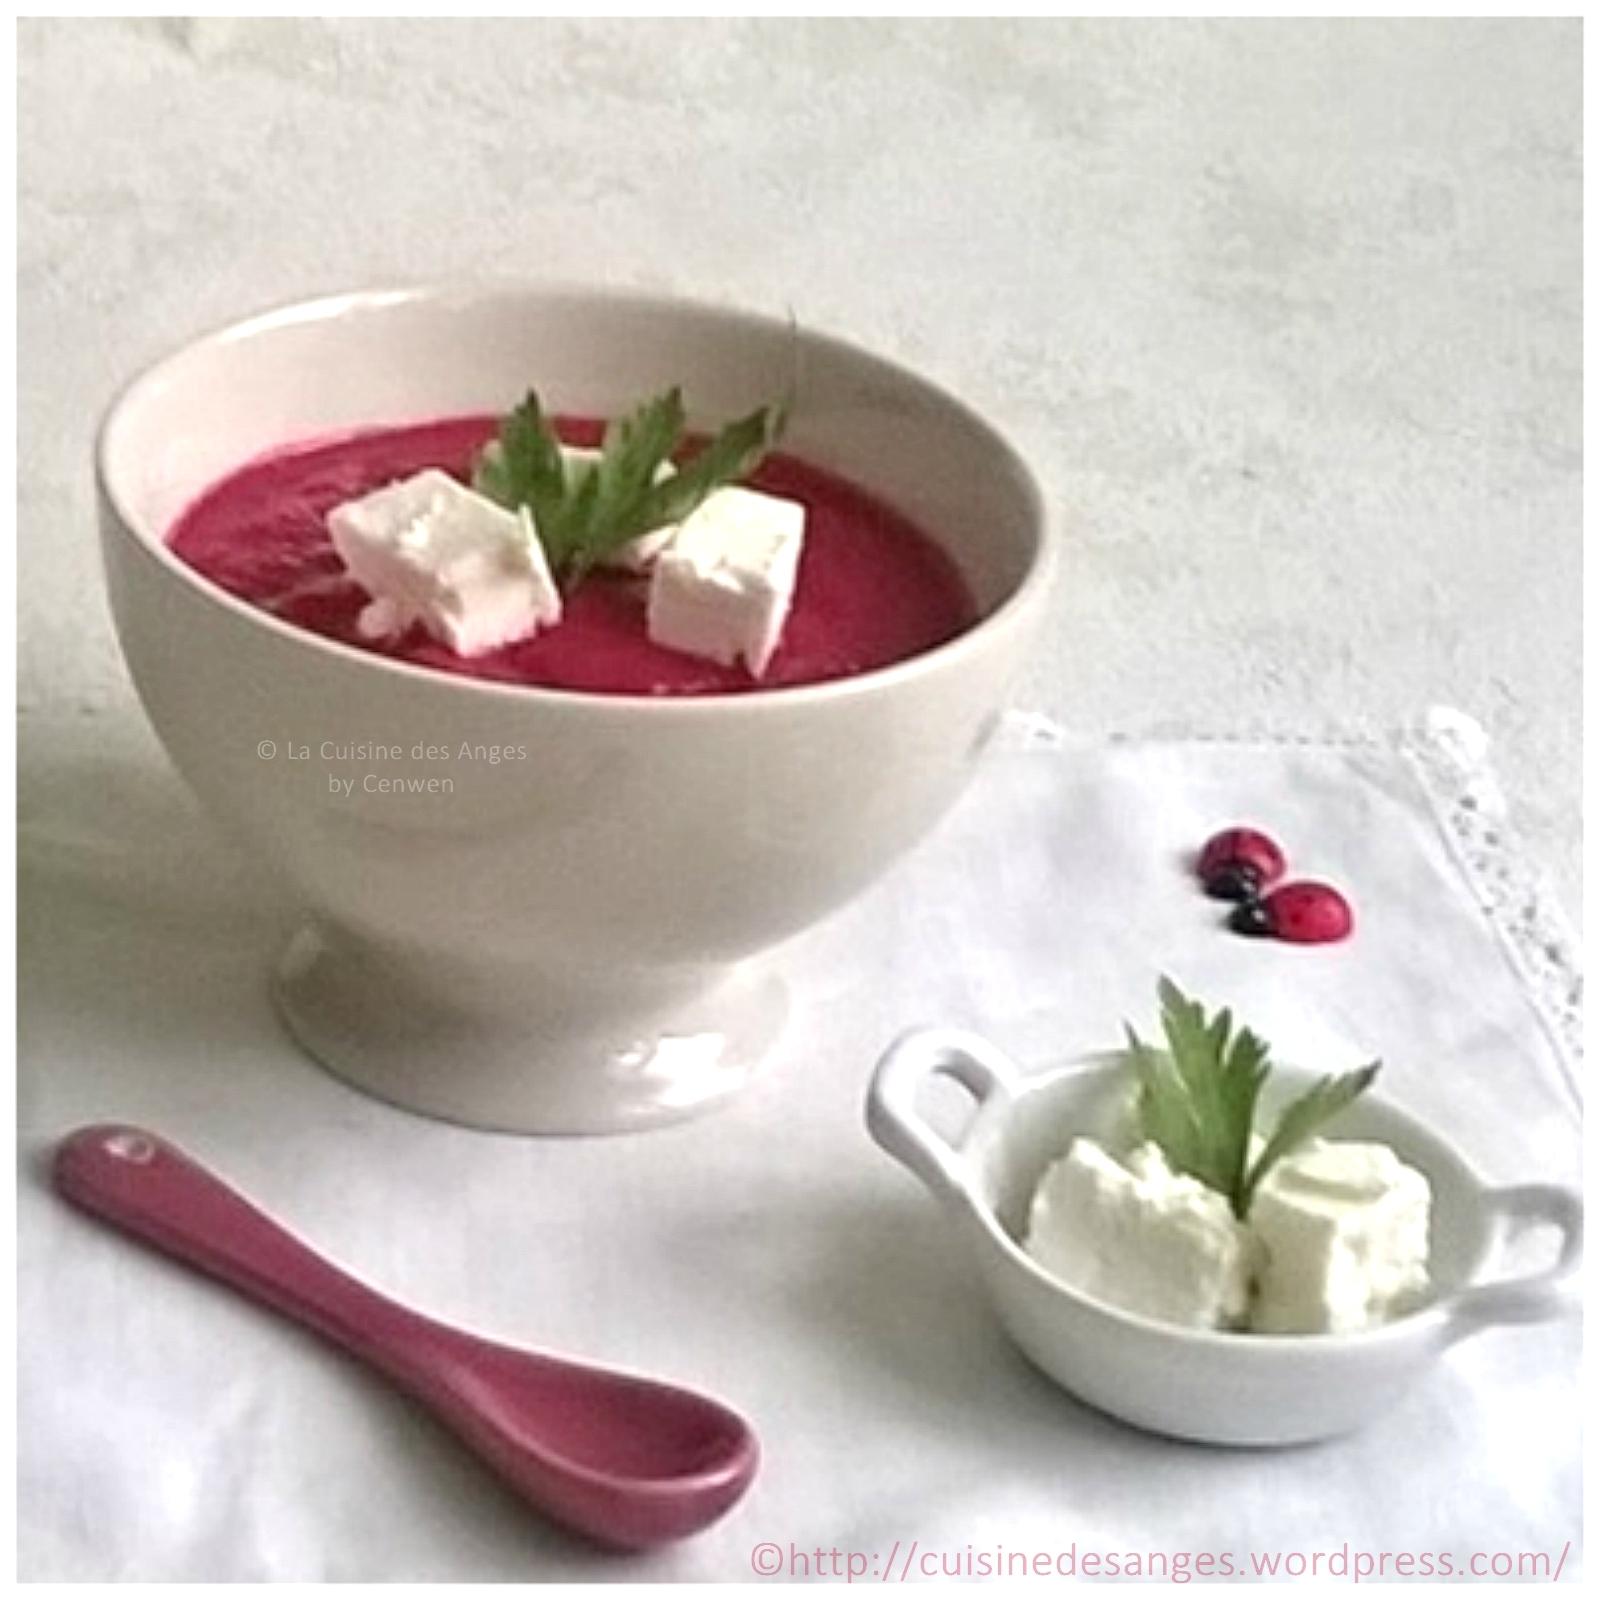 soupe glac e la betterave rouge la cuisine des anges. Black Bedroom Furniture Sets. Home Design Ideas